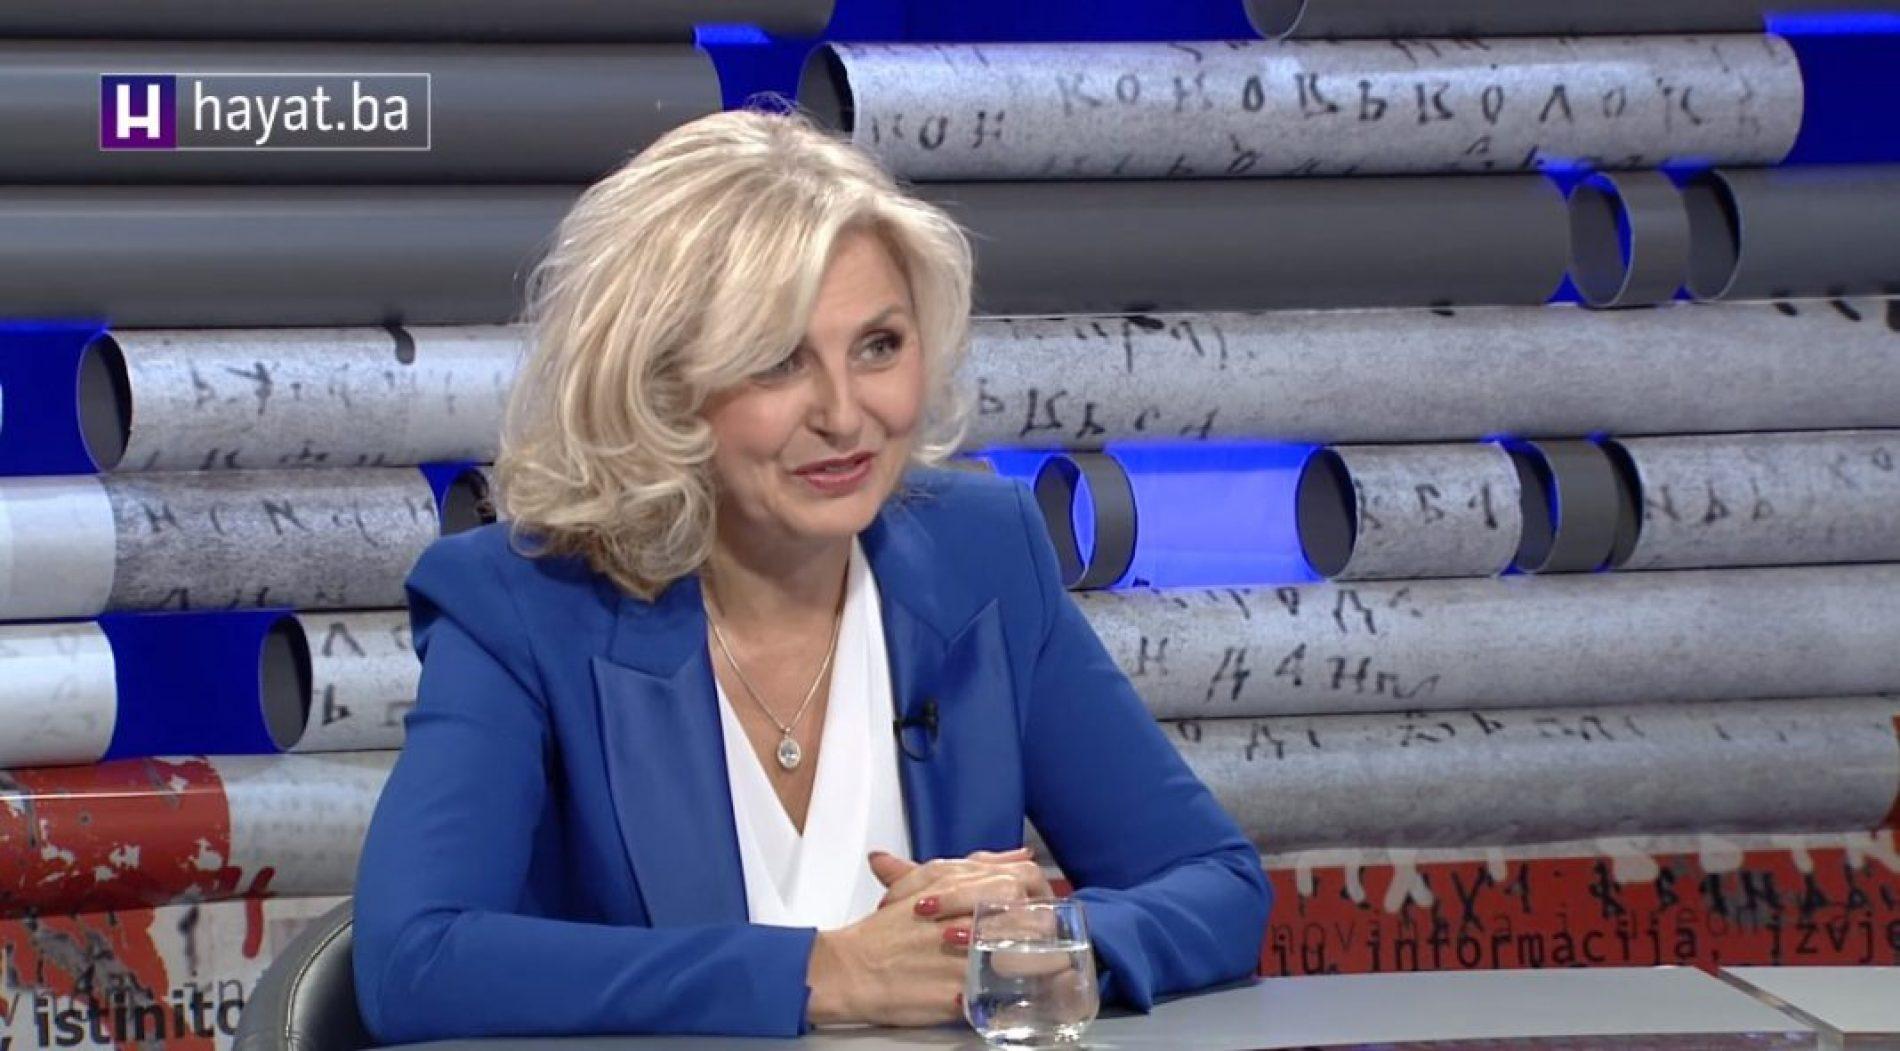 Kurspahić o radu na Javnom RTV servisu: To je bila profesionalna degradacija i nacionalna diskriminacija